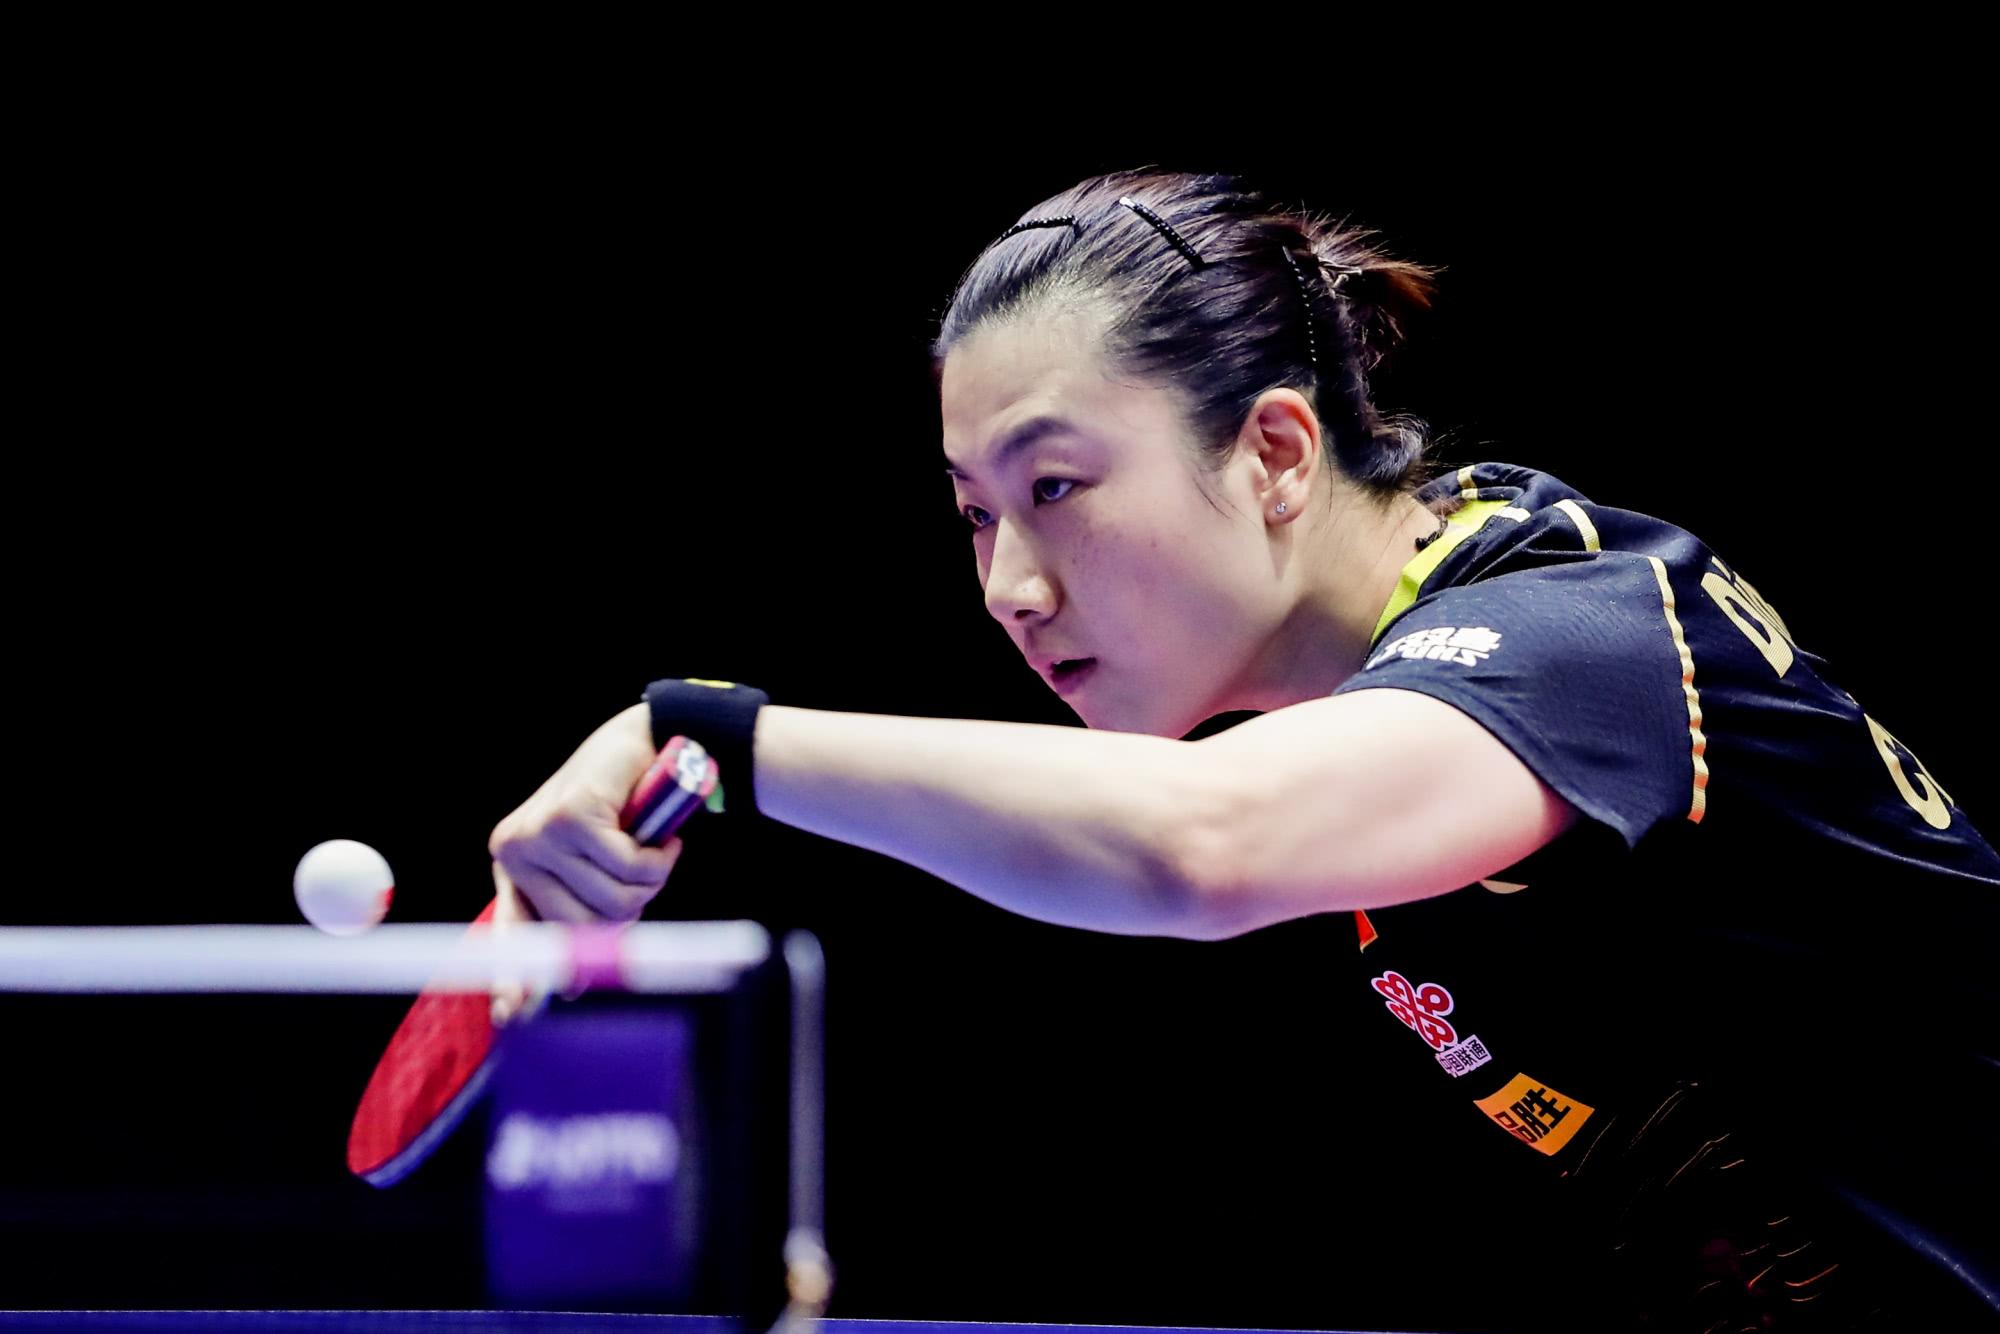 2020年德国公开赛女单半决赛,两名中国球员丁宁和王曼昱的对决